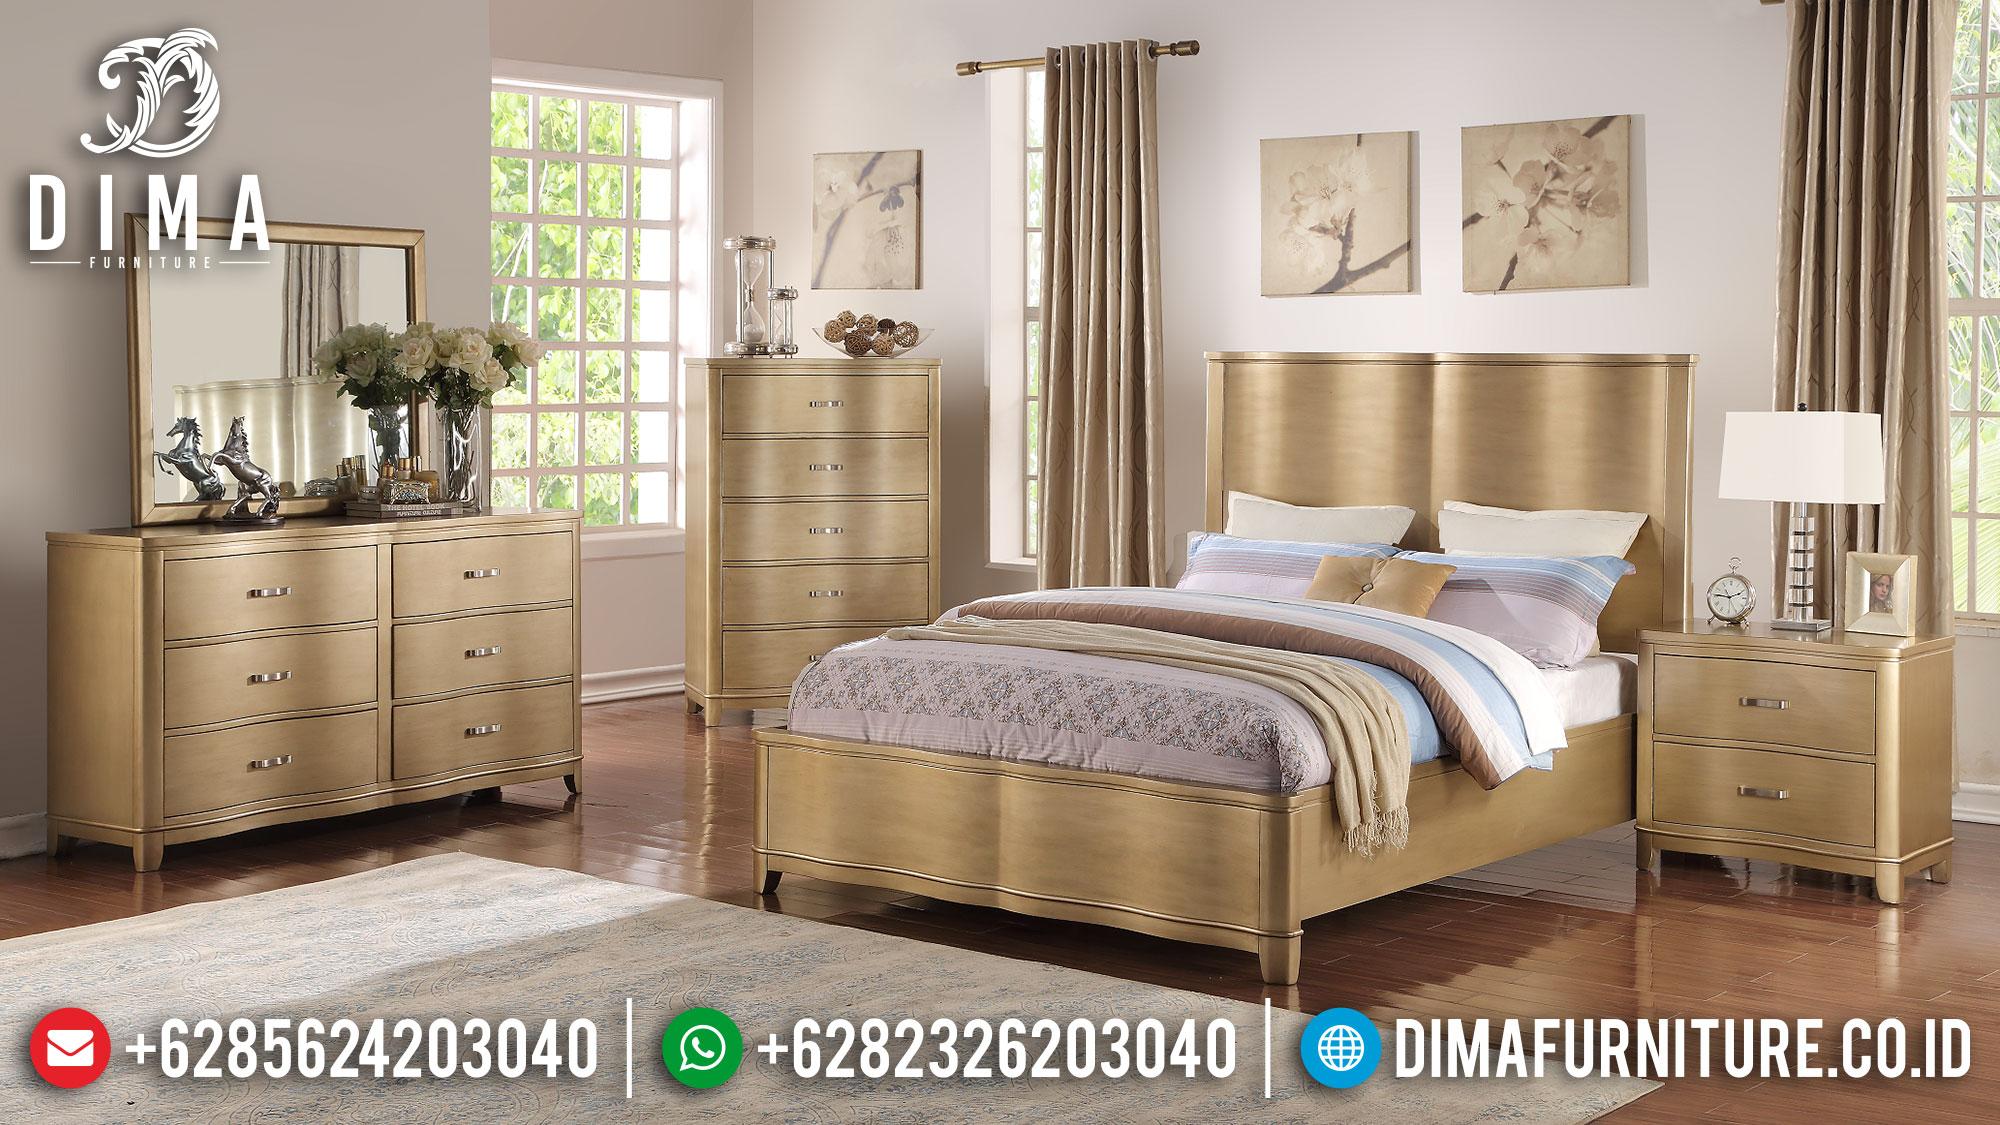 Special Gold Tempat Tidur Minimalis Terbaru Jepara DF-1505